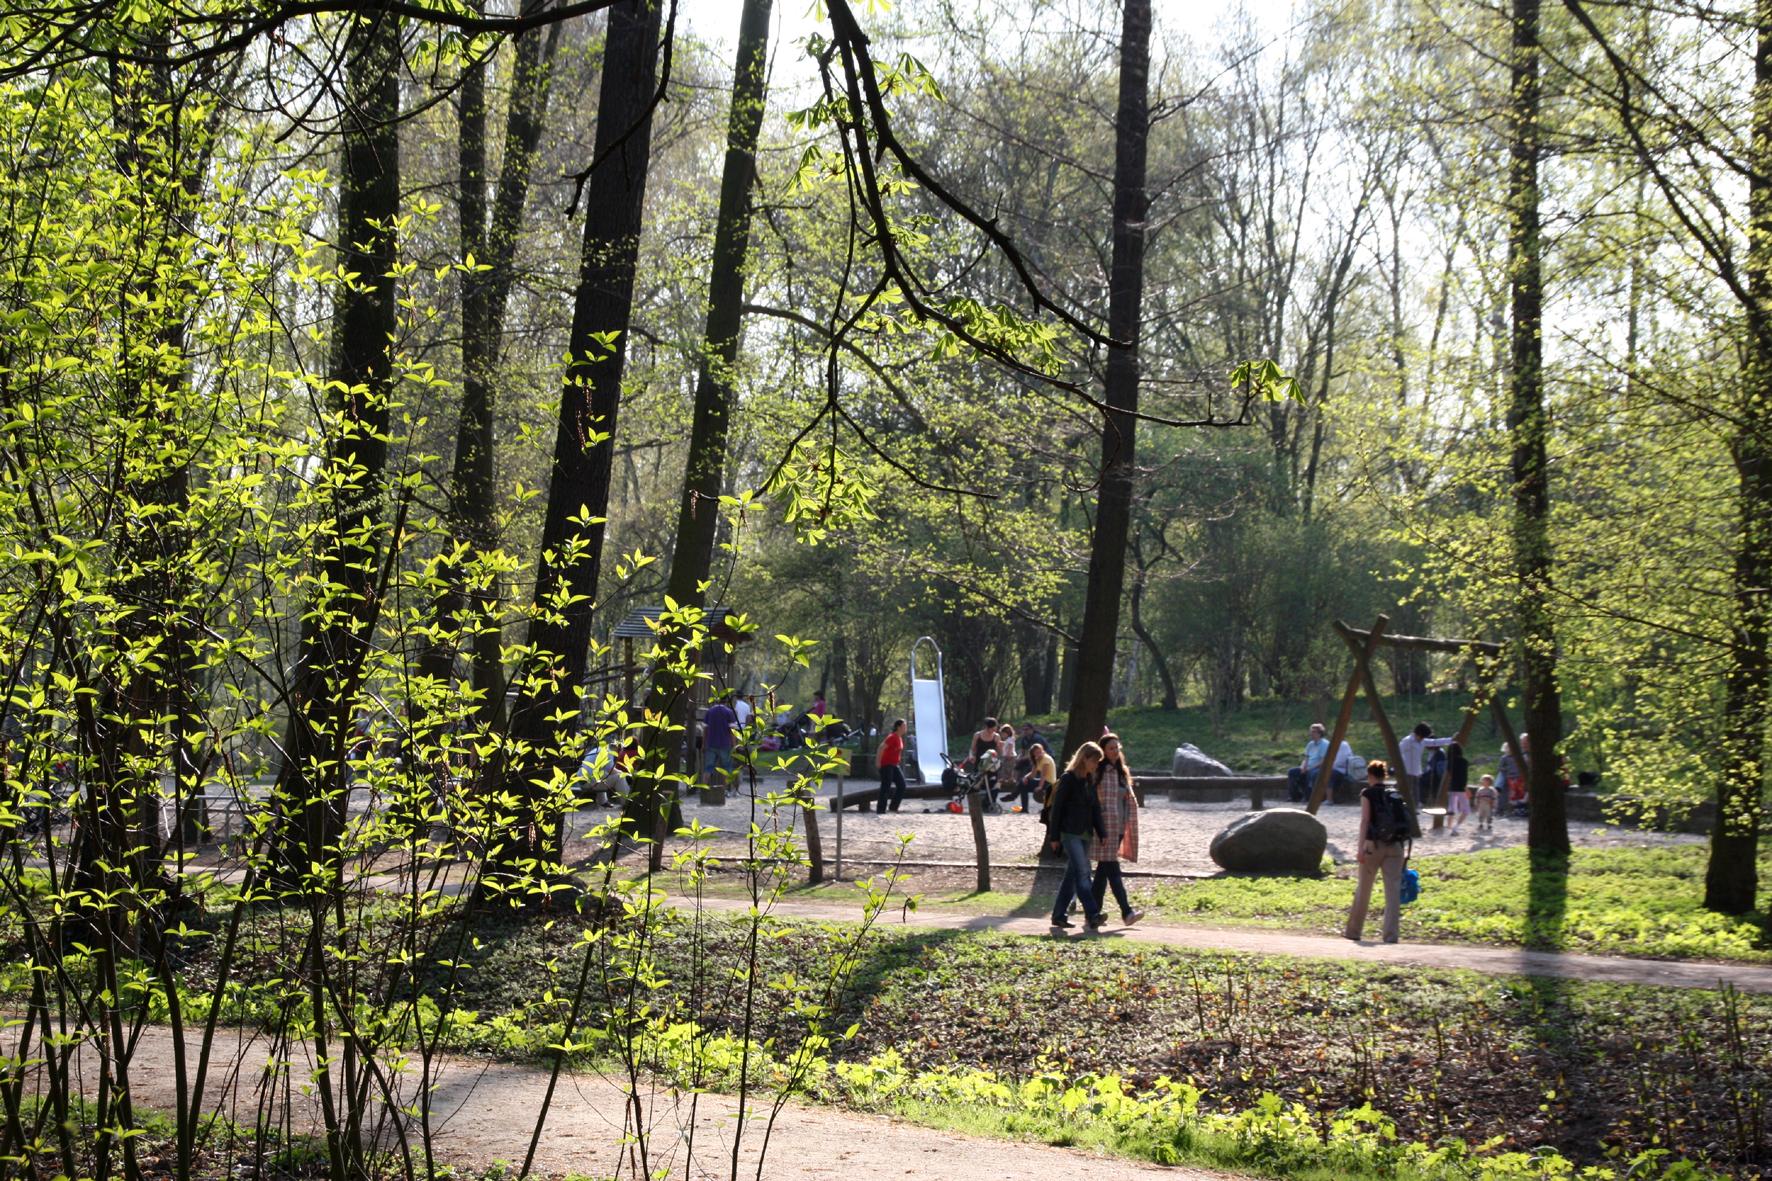 Spielplatz im Schlossgarten Charlottenburg. Foto: Helga Karl